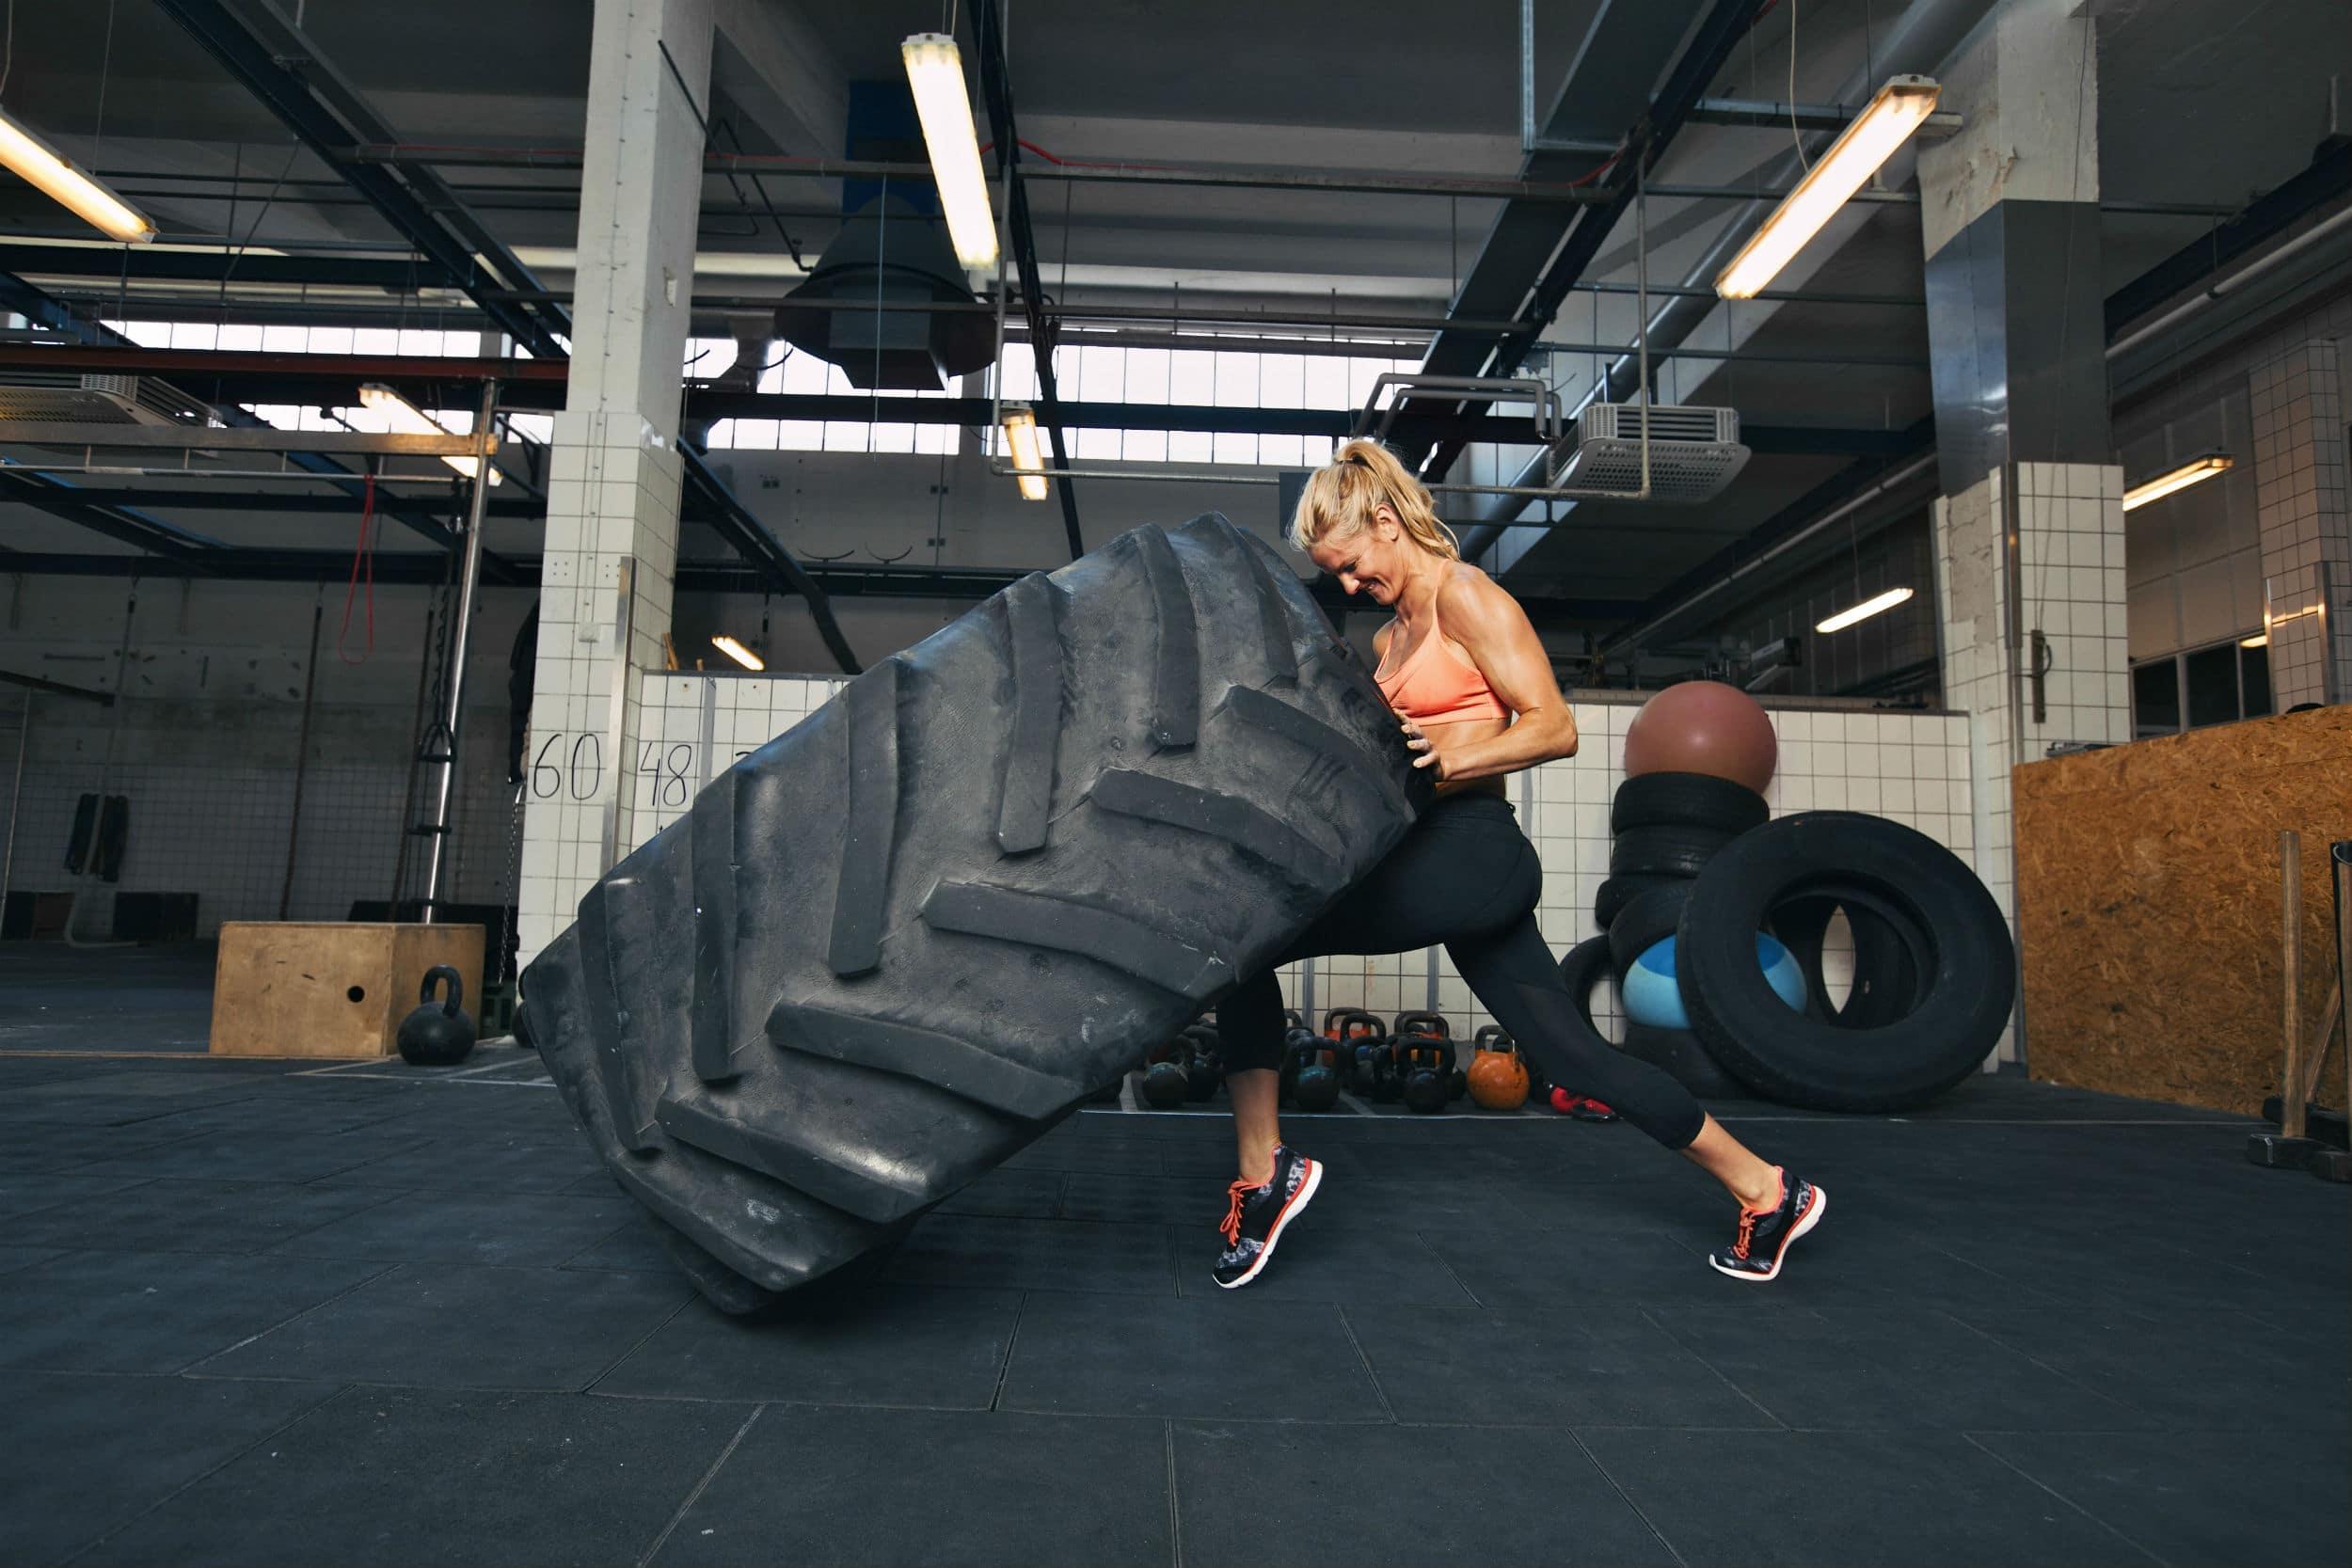 Faire du sport et surtout du crossfit en poussant des pneus usagés